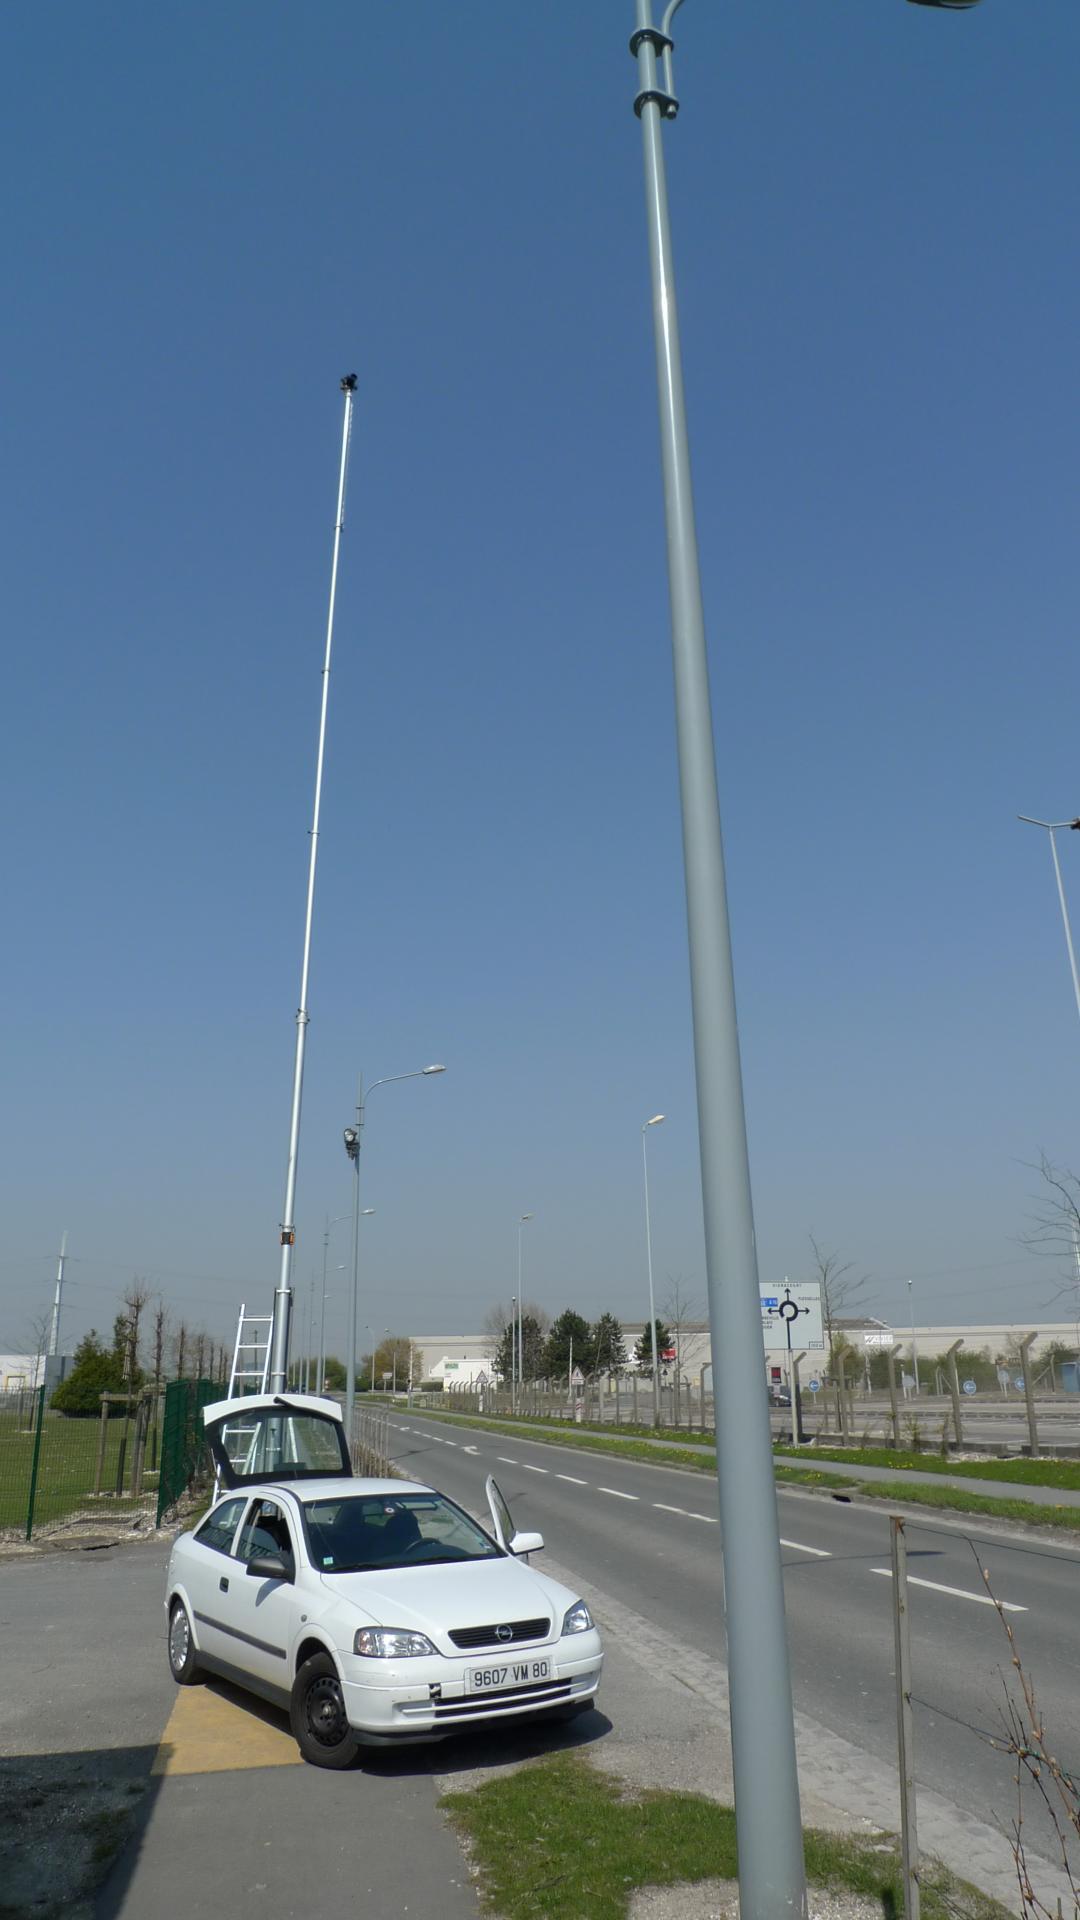 Le mât télescopique de 21 mètres de hauteur avec platine Vidéo